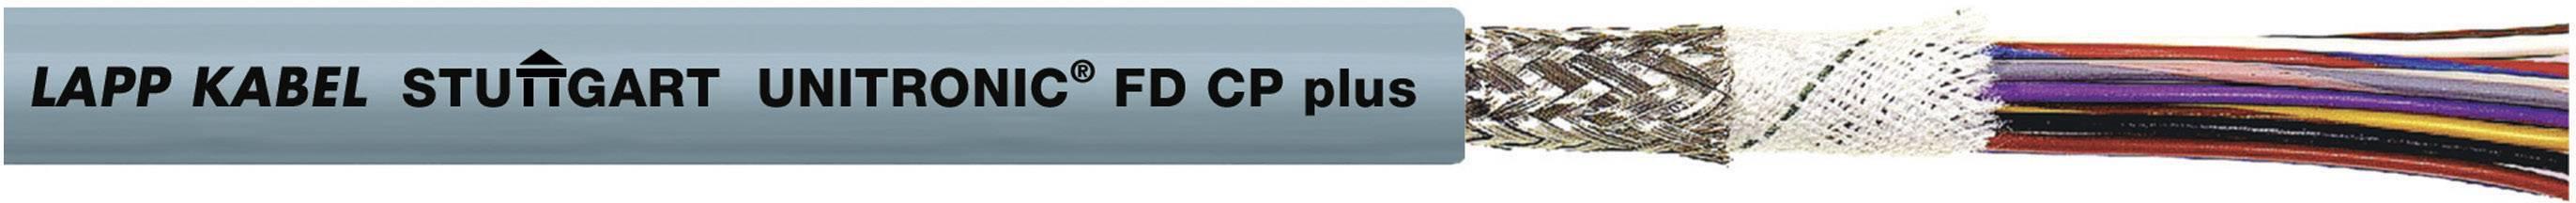 Datový kabel LappKabel UNITRONIC FD CP PLUS 25X0,25 (0028897), 25x 0,25 mm², Ø 11 mm, stíněný, 100 m, šedá